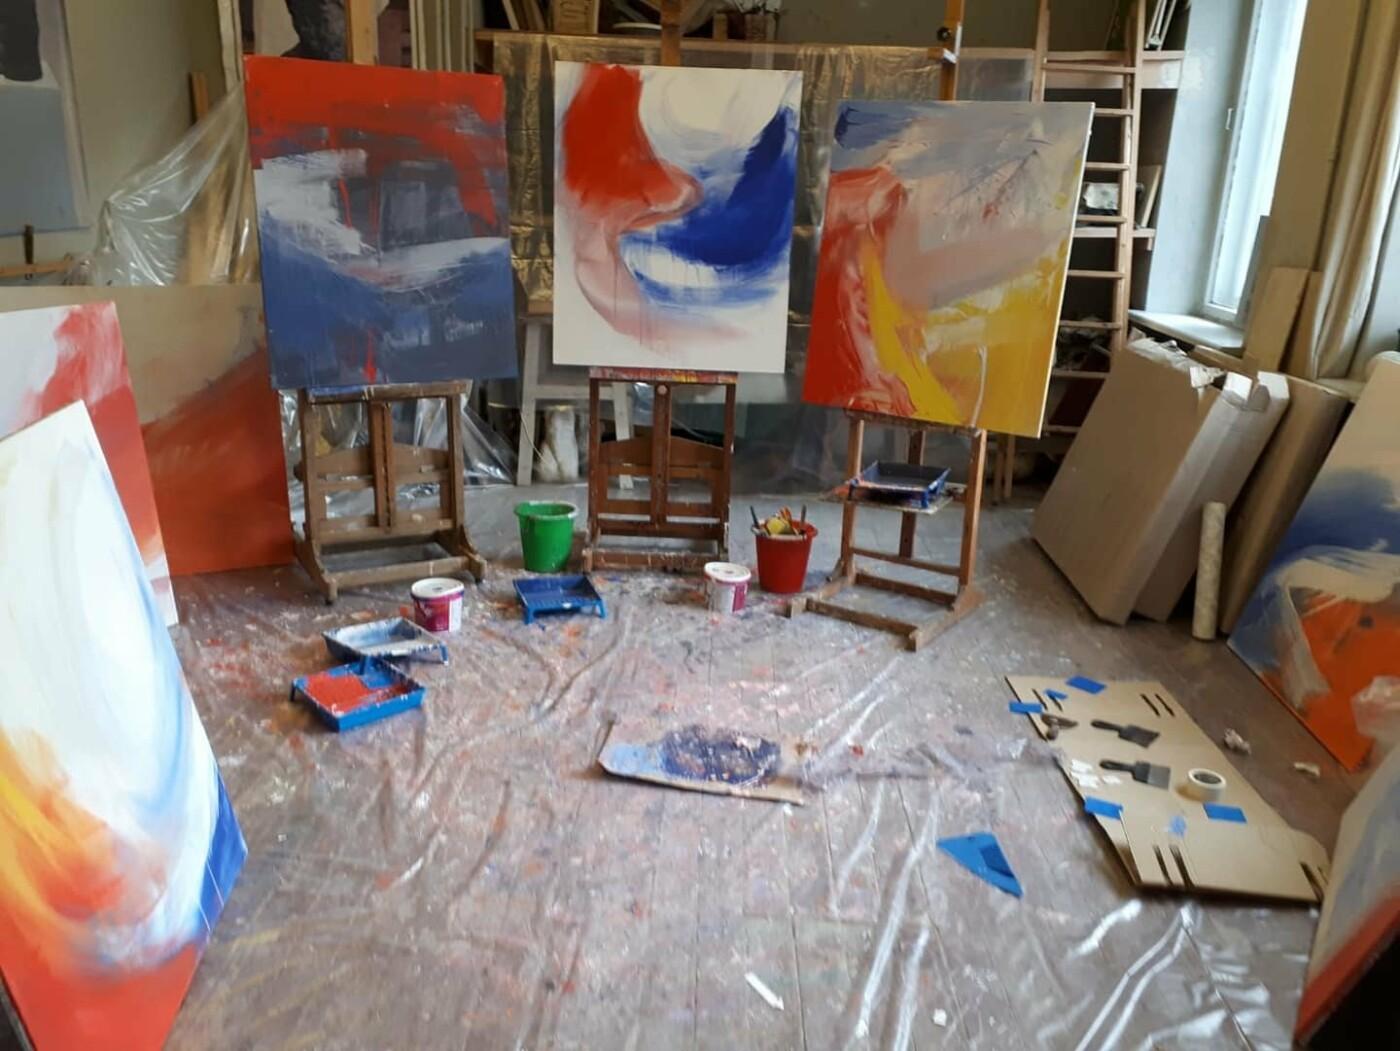 Ричард Янсен уже работает над выставкой - Национальная галерея РК